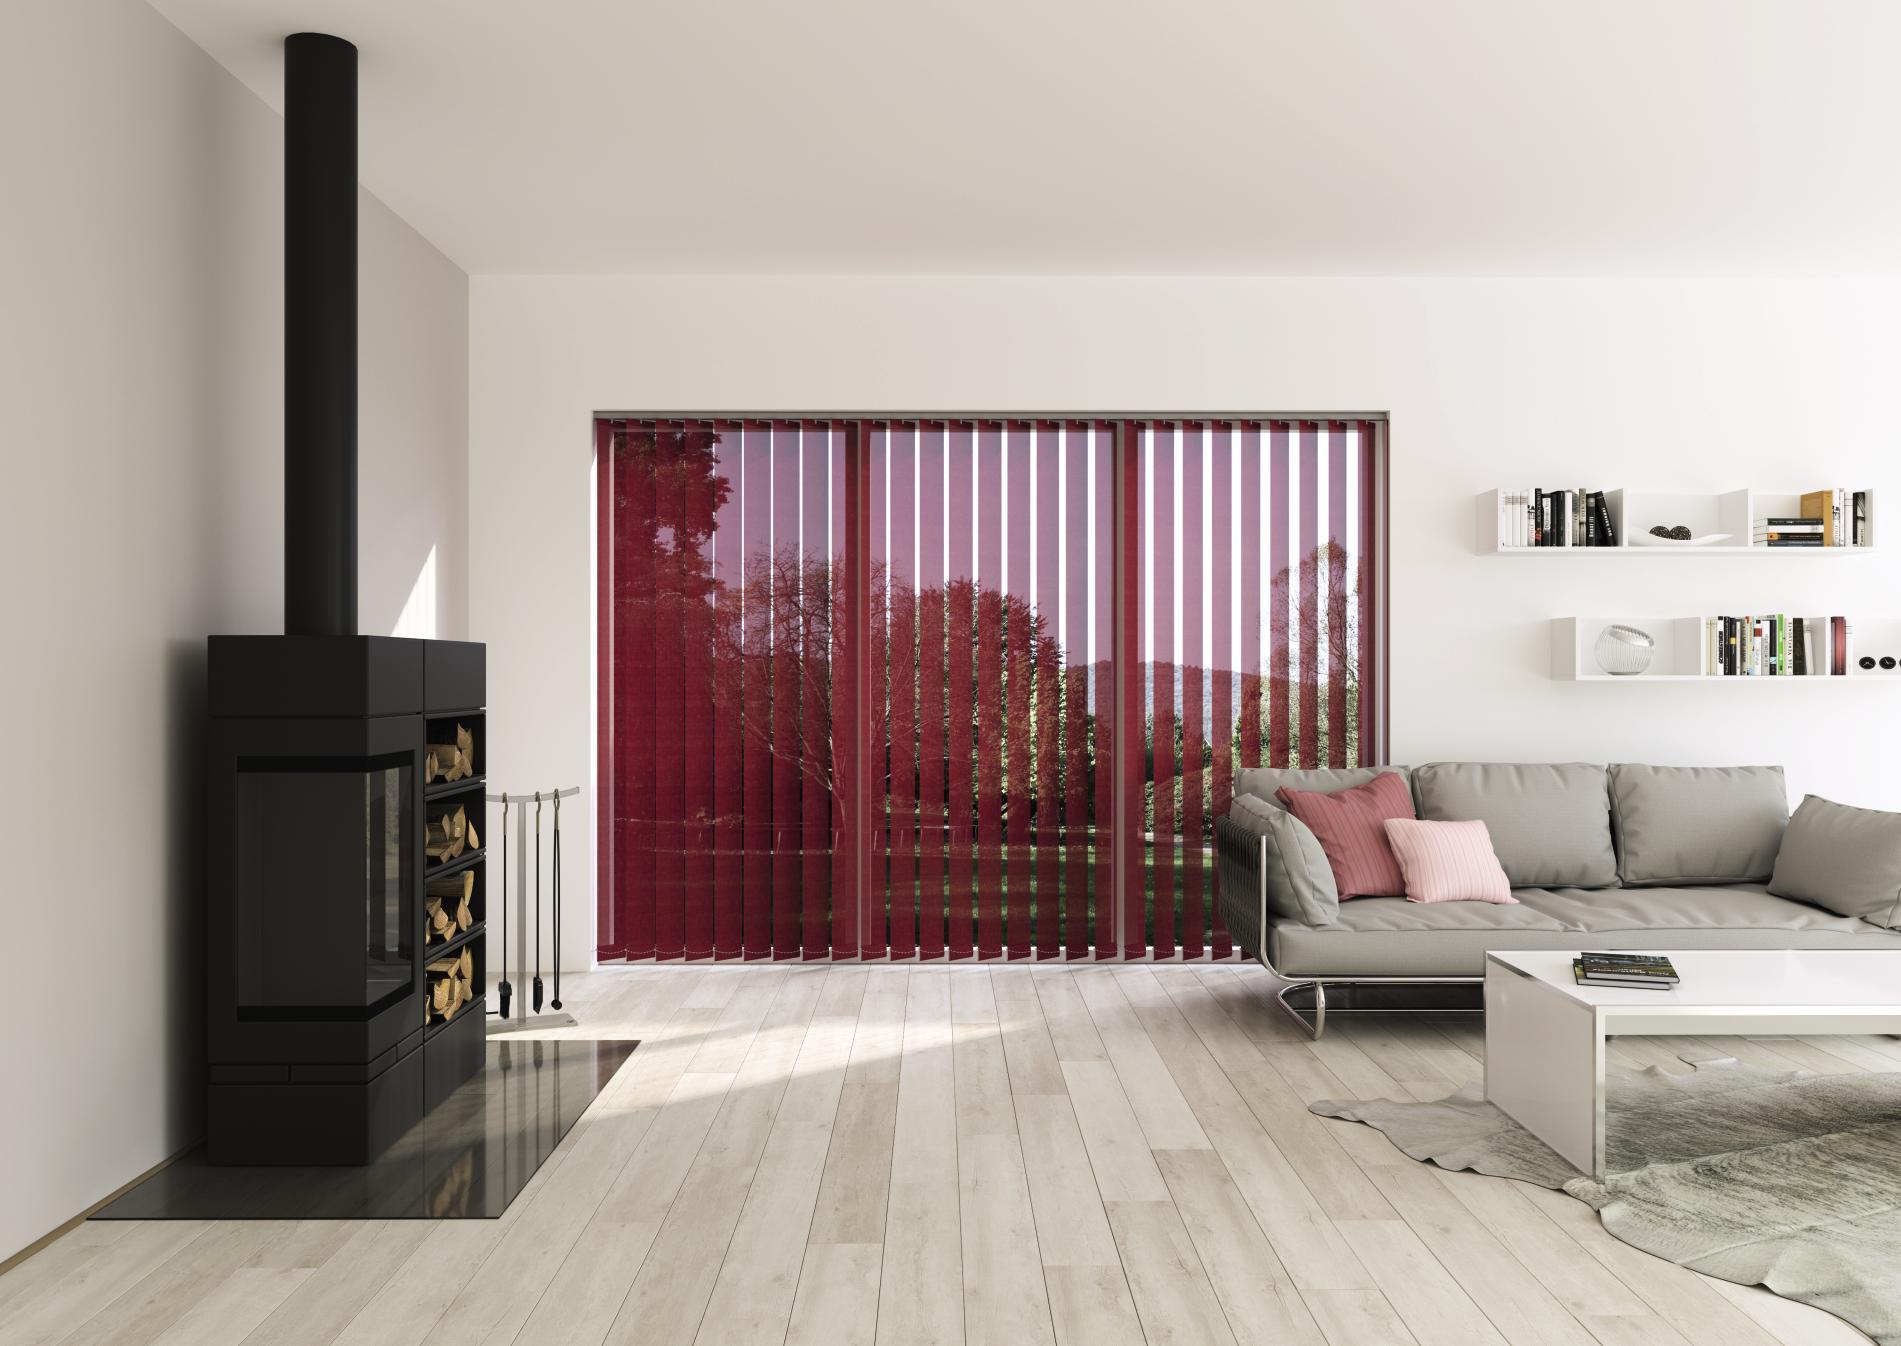 vertikal jalousien lamellen top vorhang vertikal lamellen fenster jalousie tren in diedersdorf. Black Bedroom Furniture Sets. Home Design Ideas